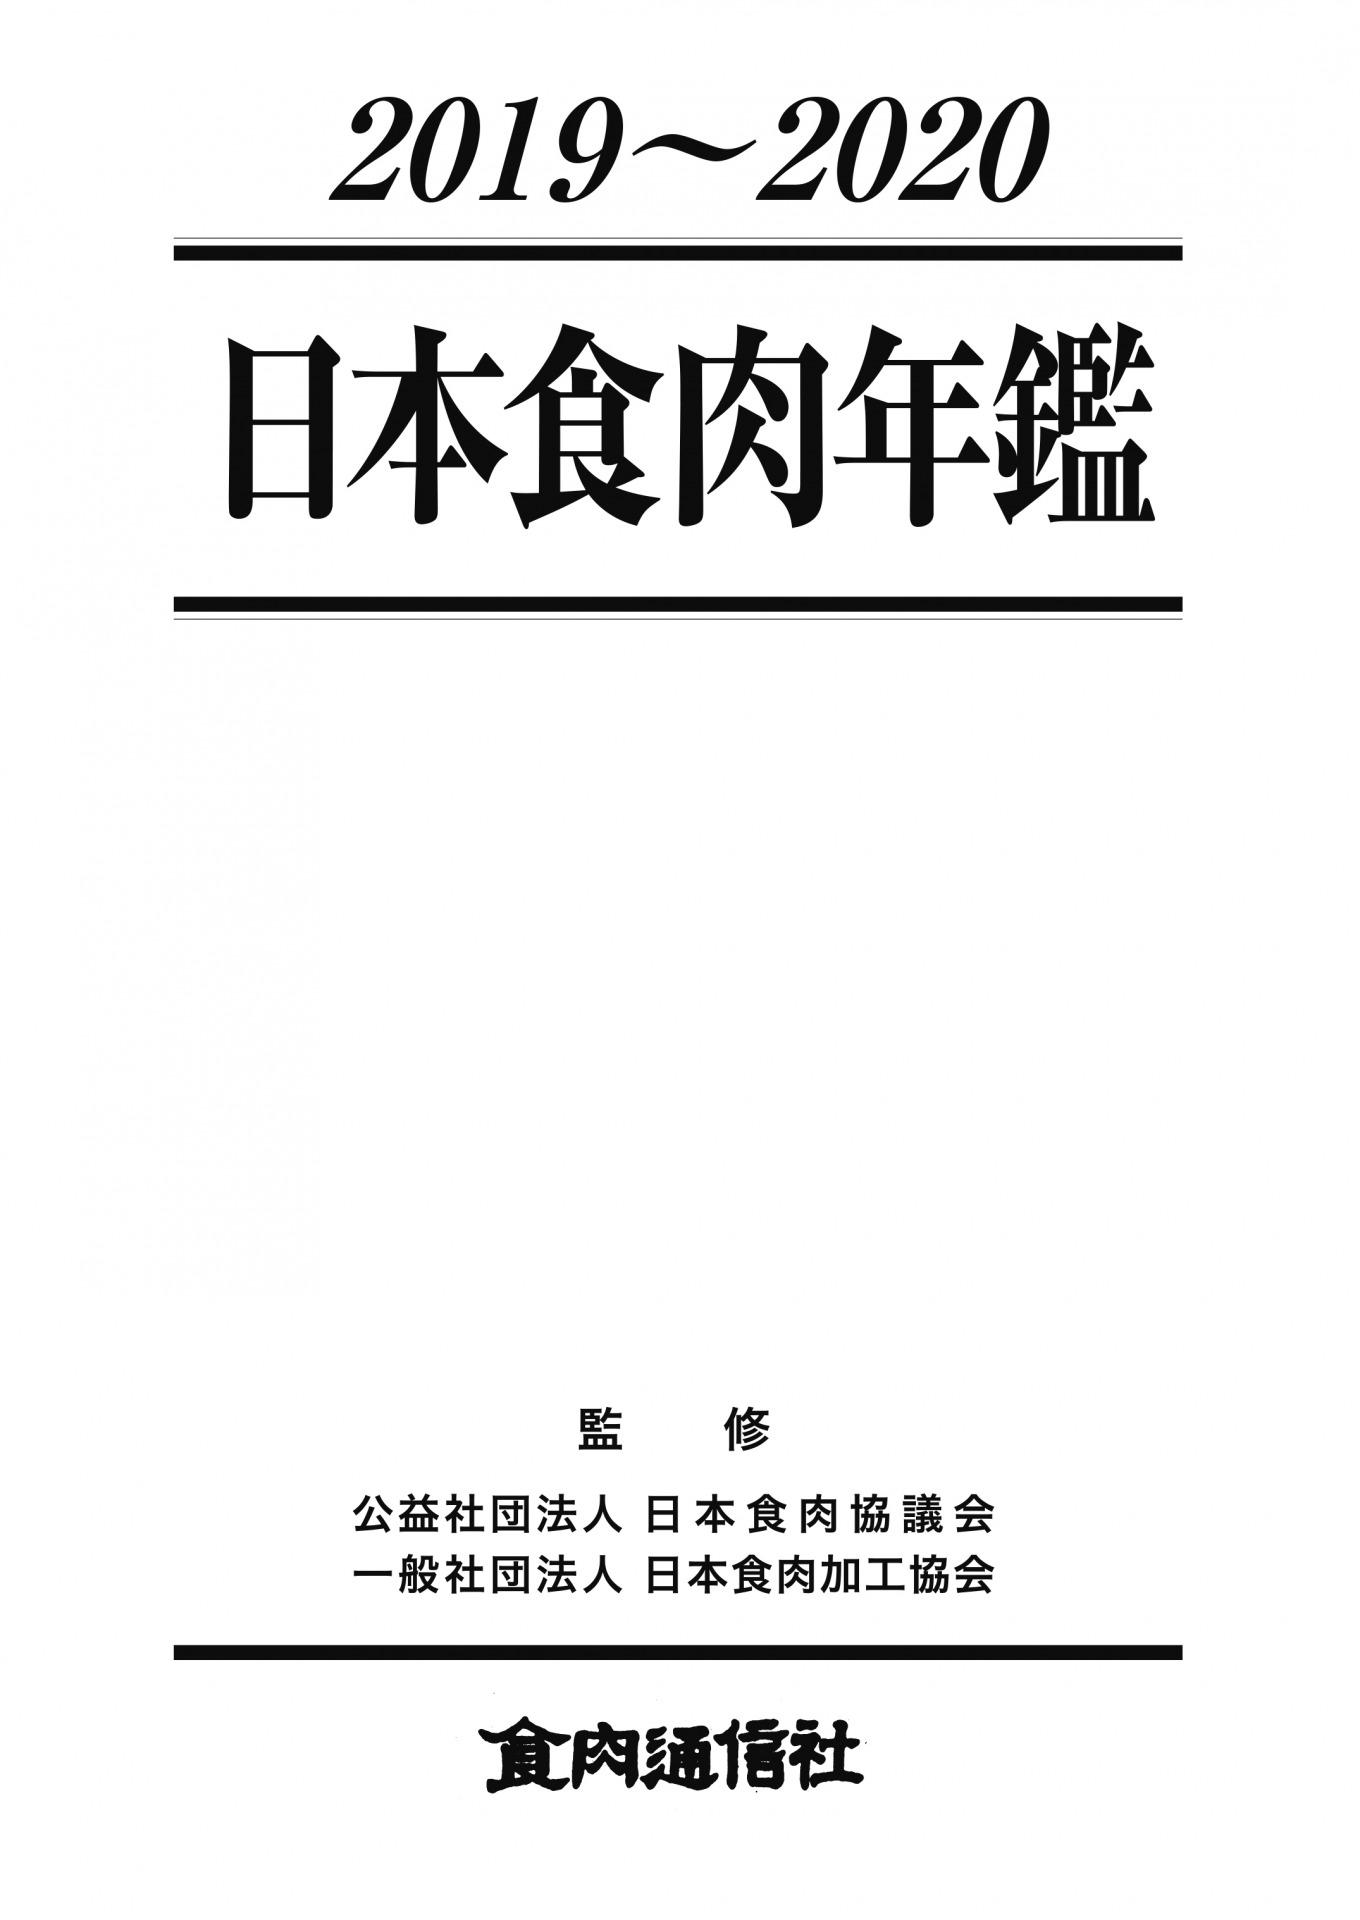 日本食肉年鑑2019〜2020発売